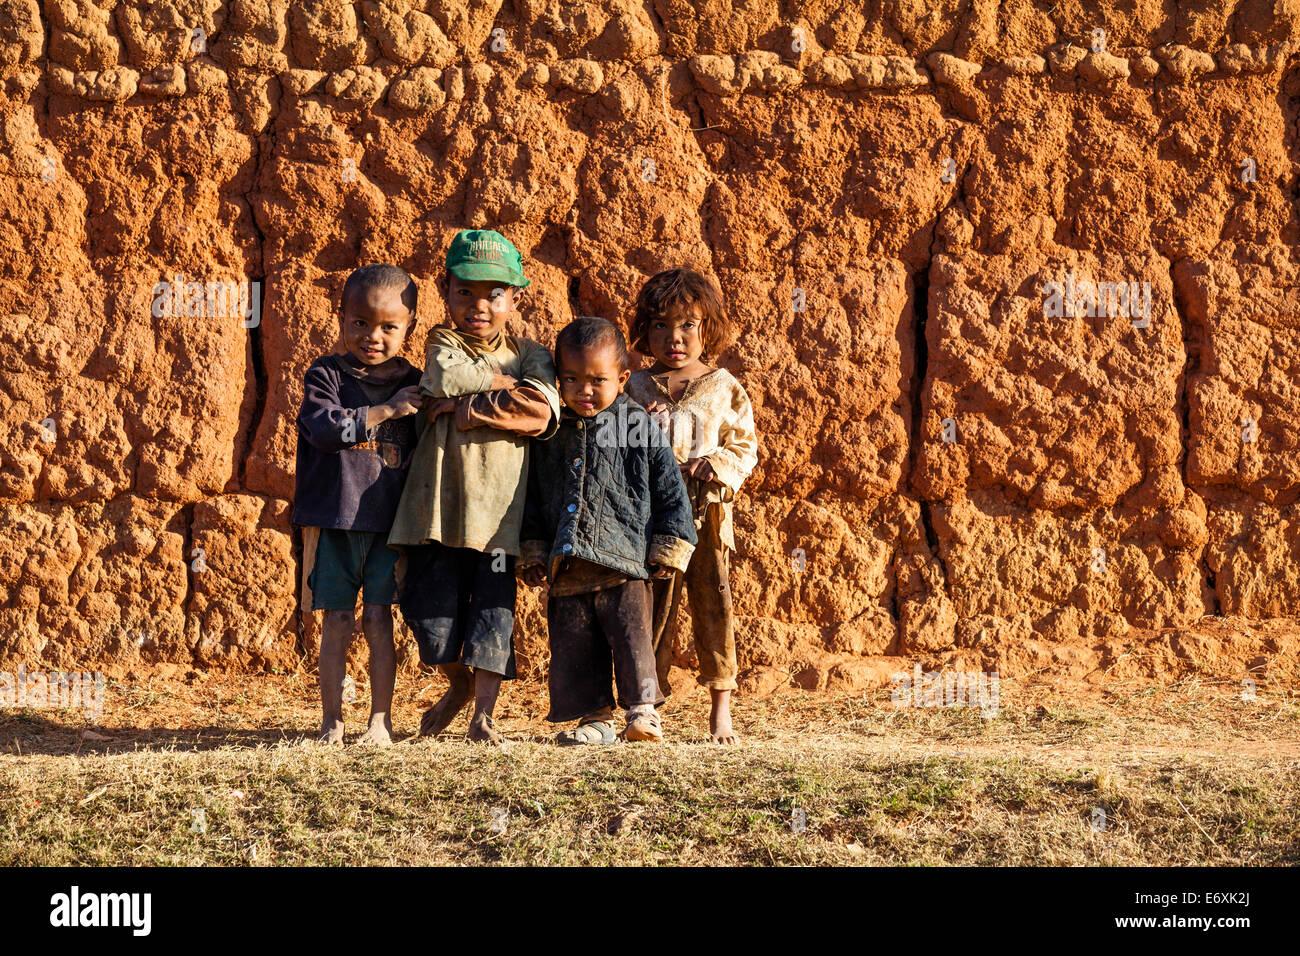 Les enfants debout devant un mur d'argile au sud d'Antananarivo, peuple Merina, highlands, Madagascar, Afrique Photo Stock